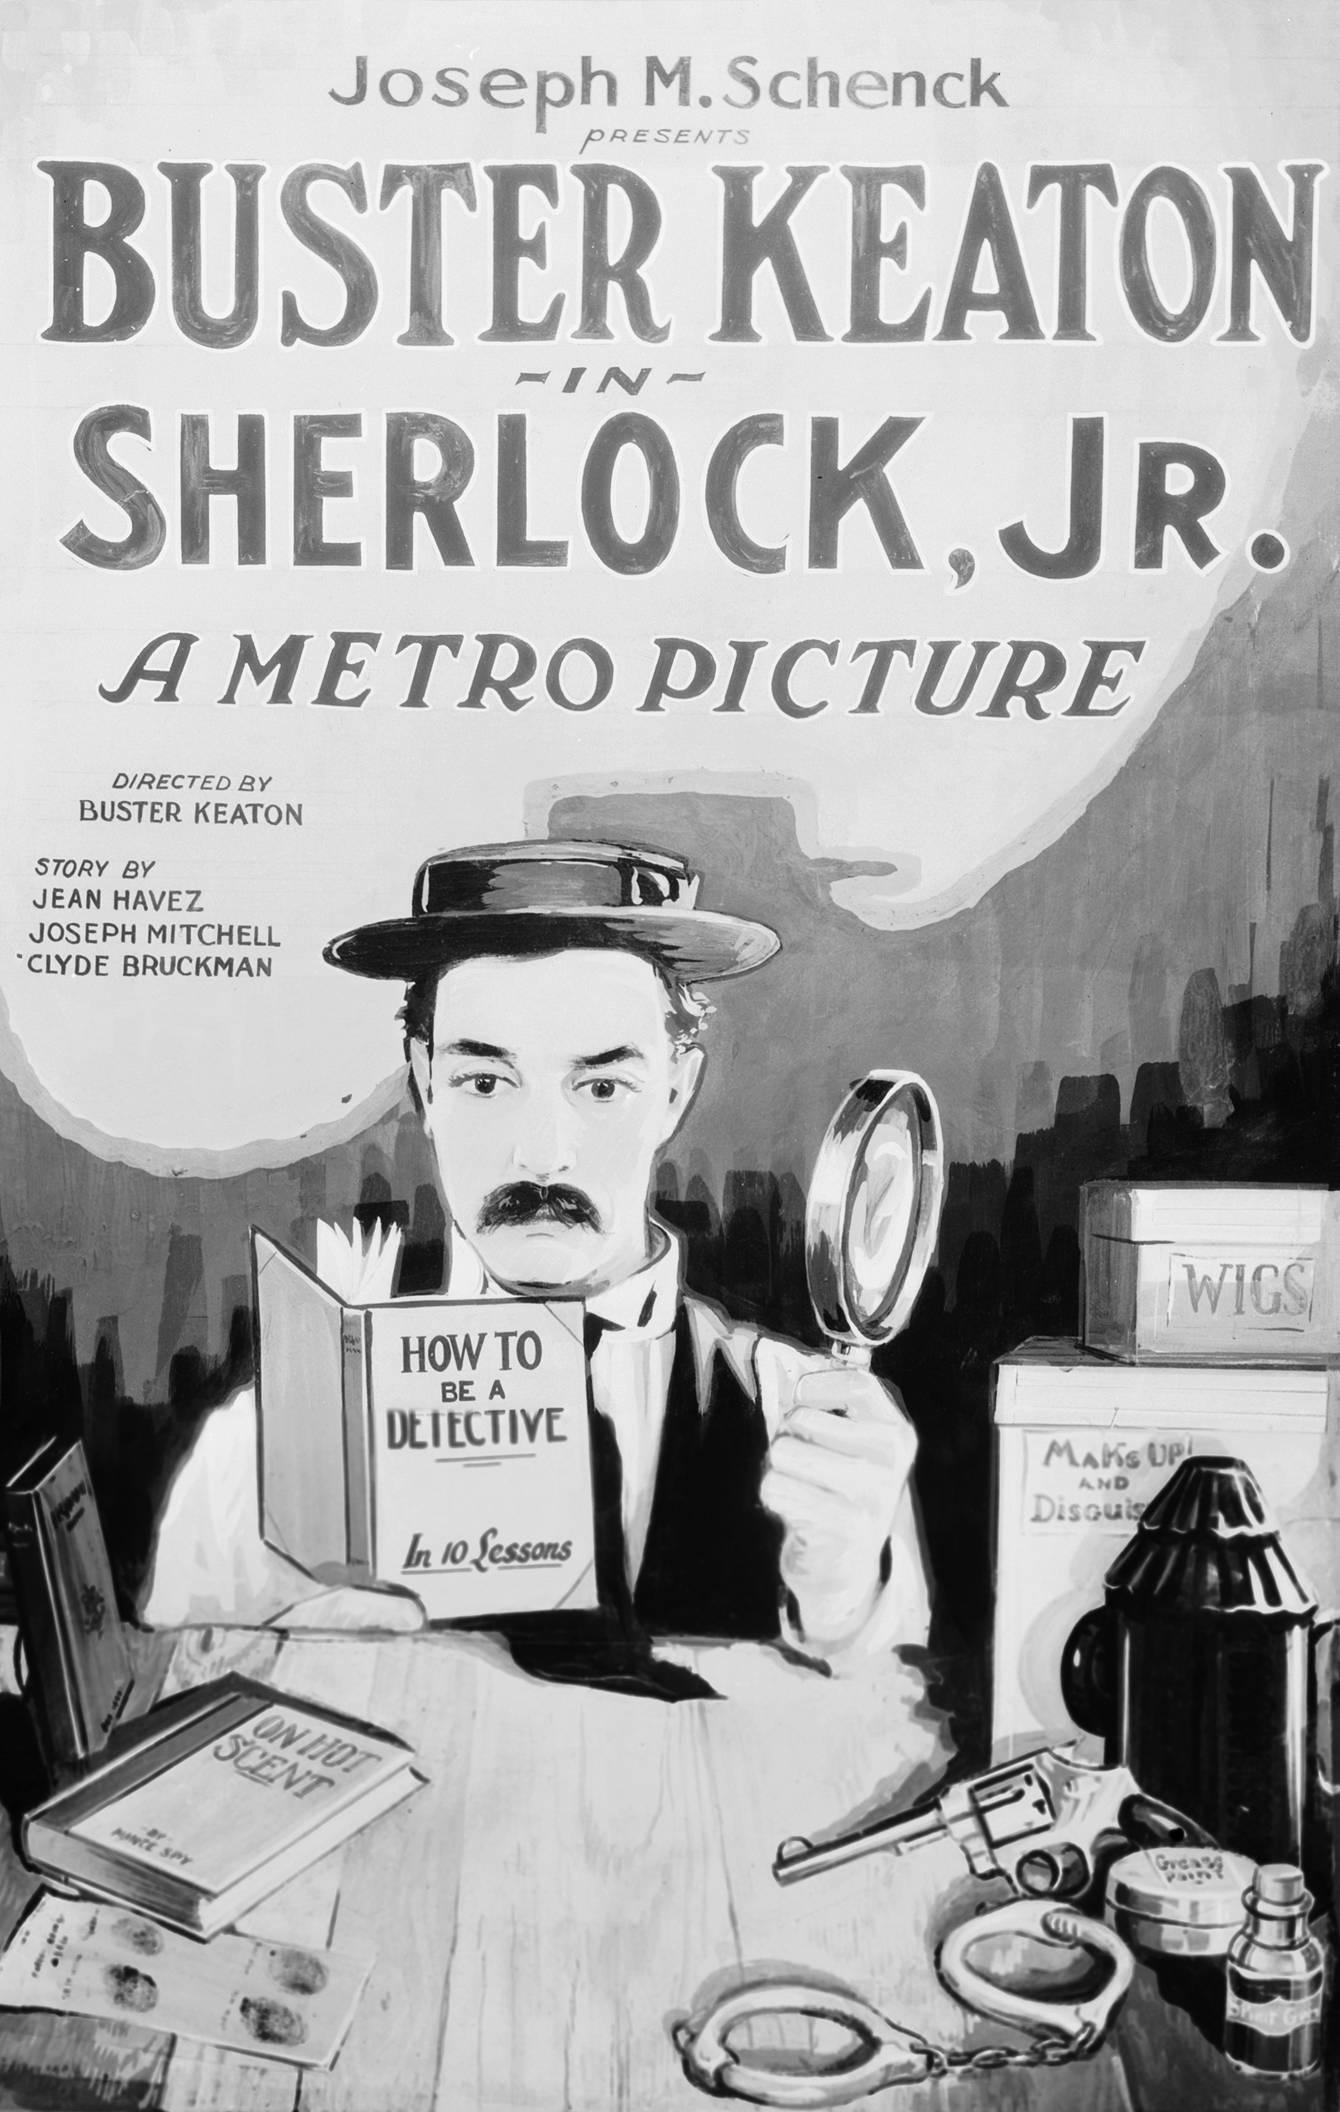 バスター・キートン監督のキートンの探偵学入門という映画